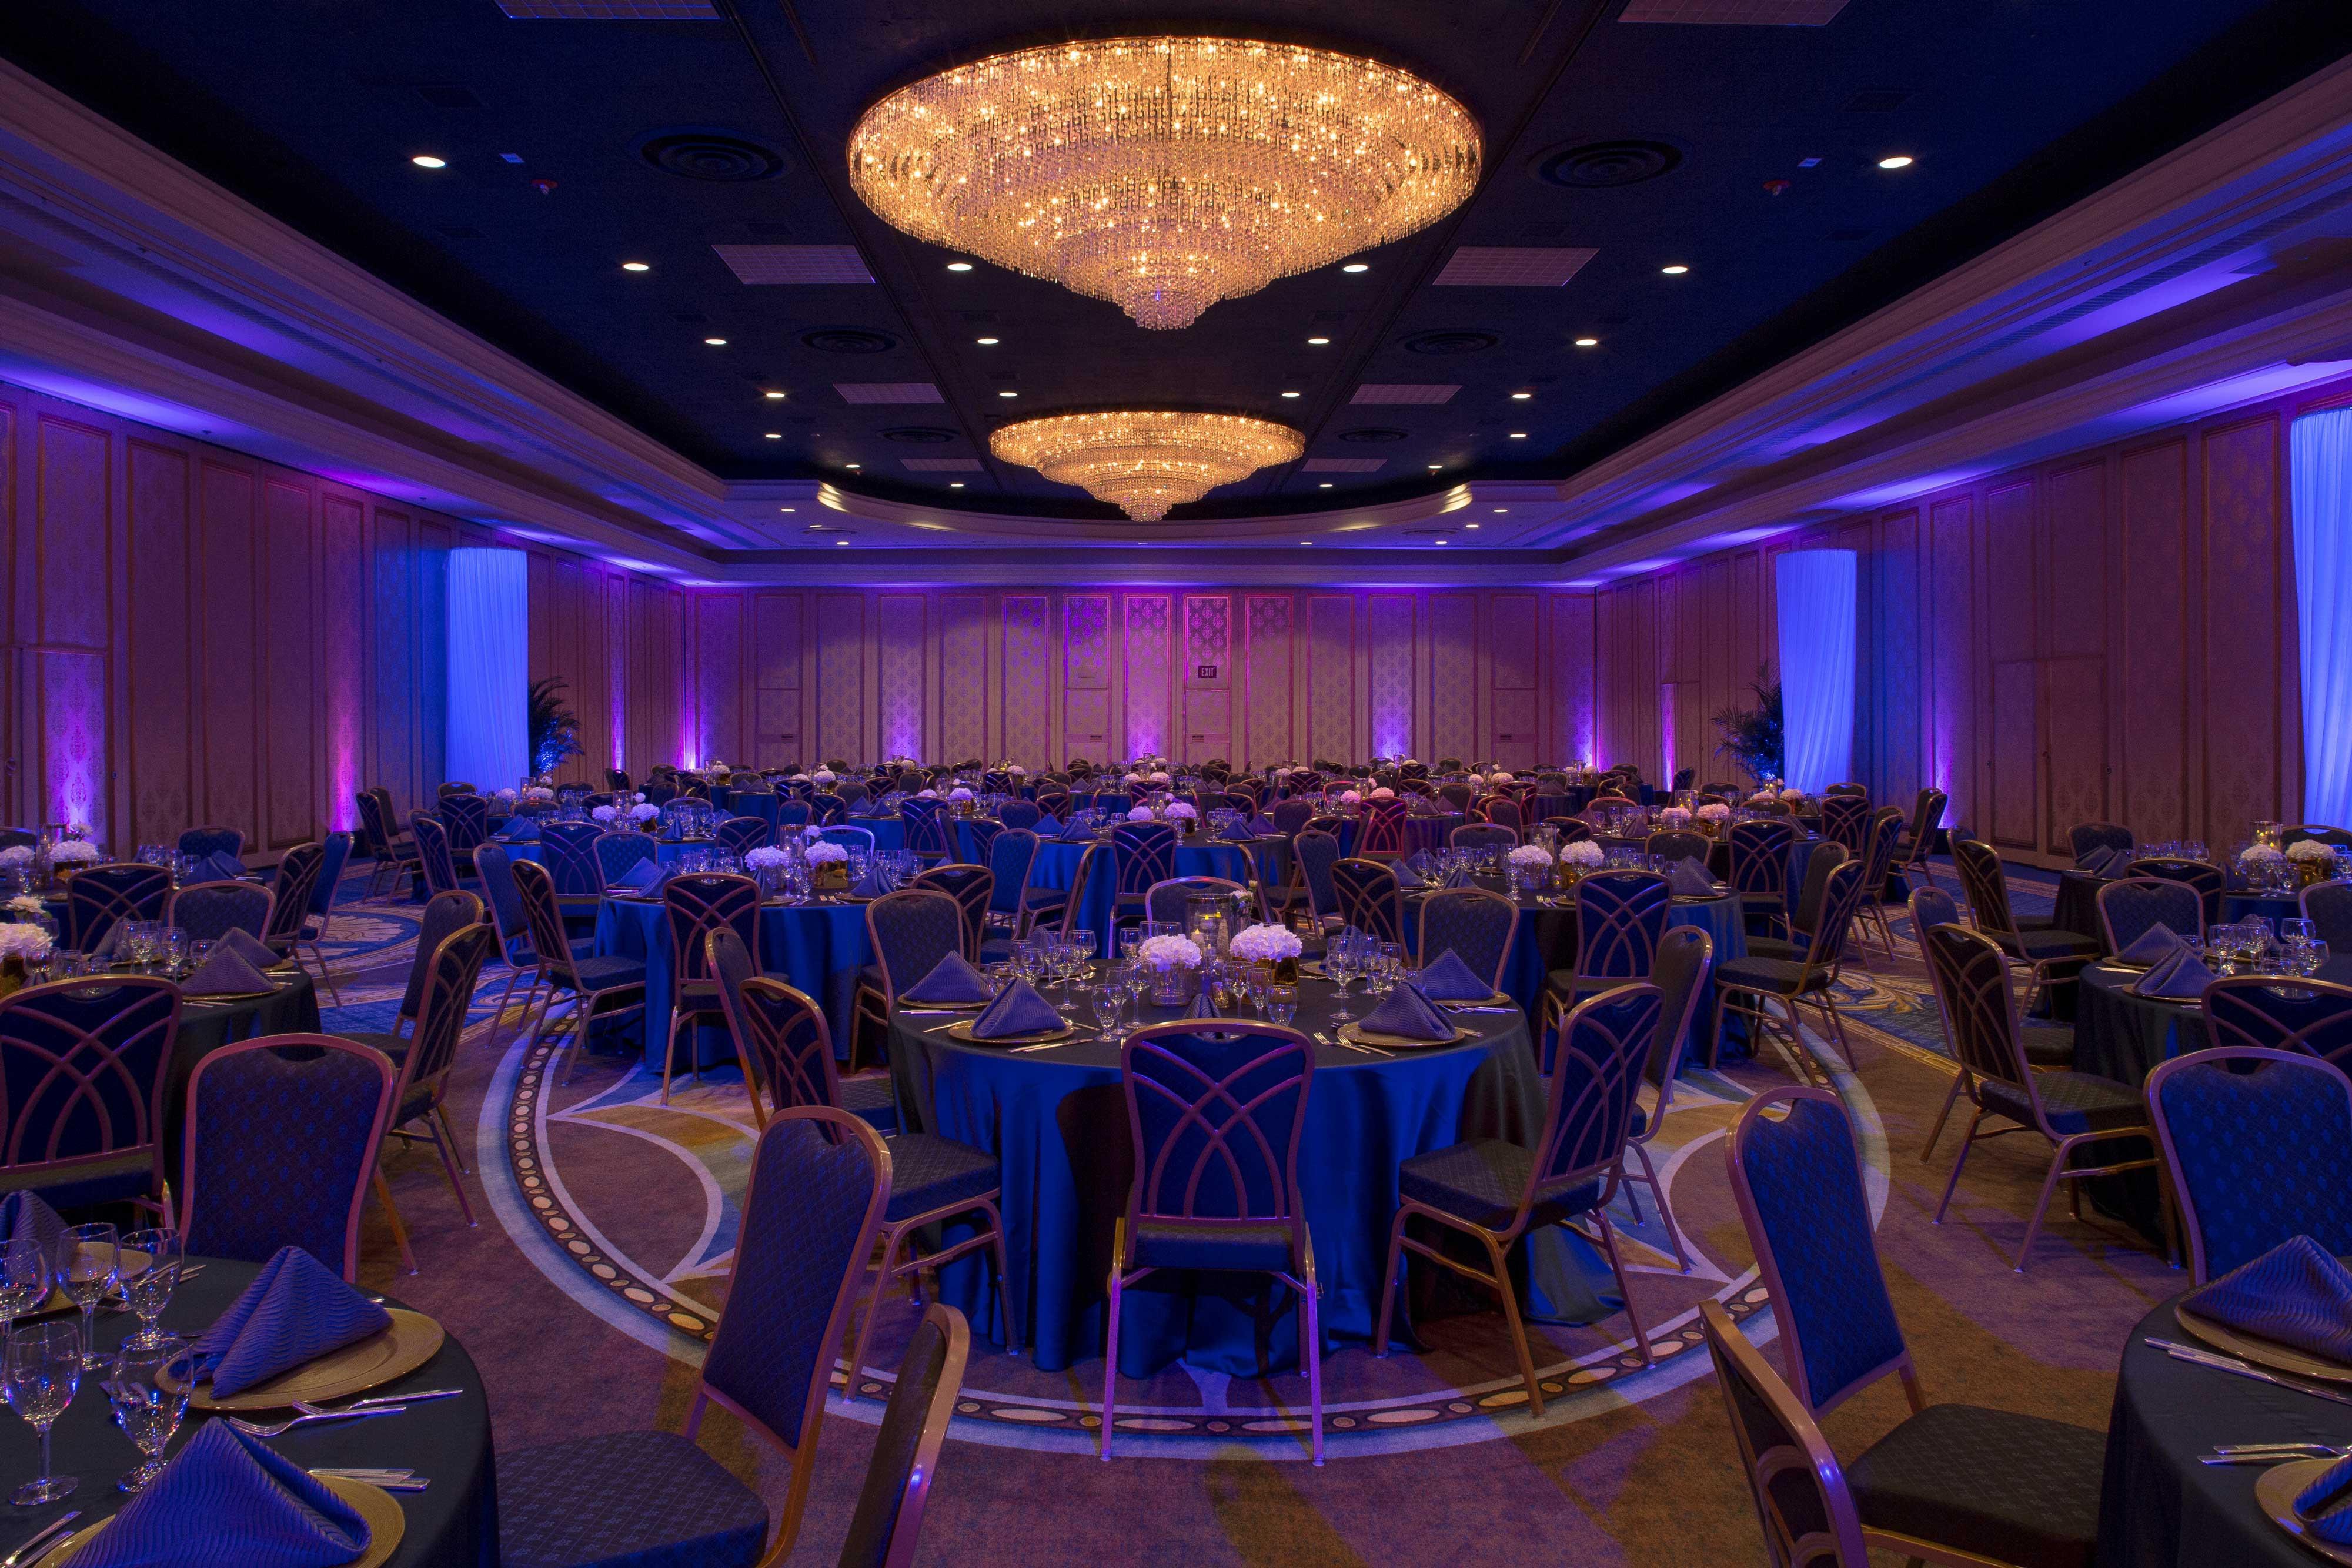 Las Vegas Wedding Reception Venues | Wedding Reception